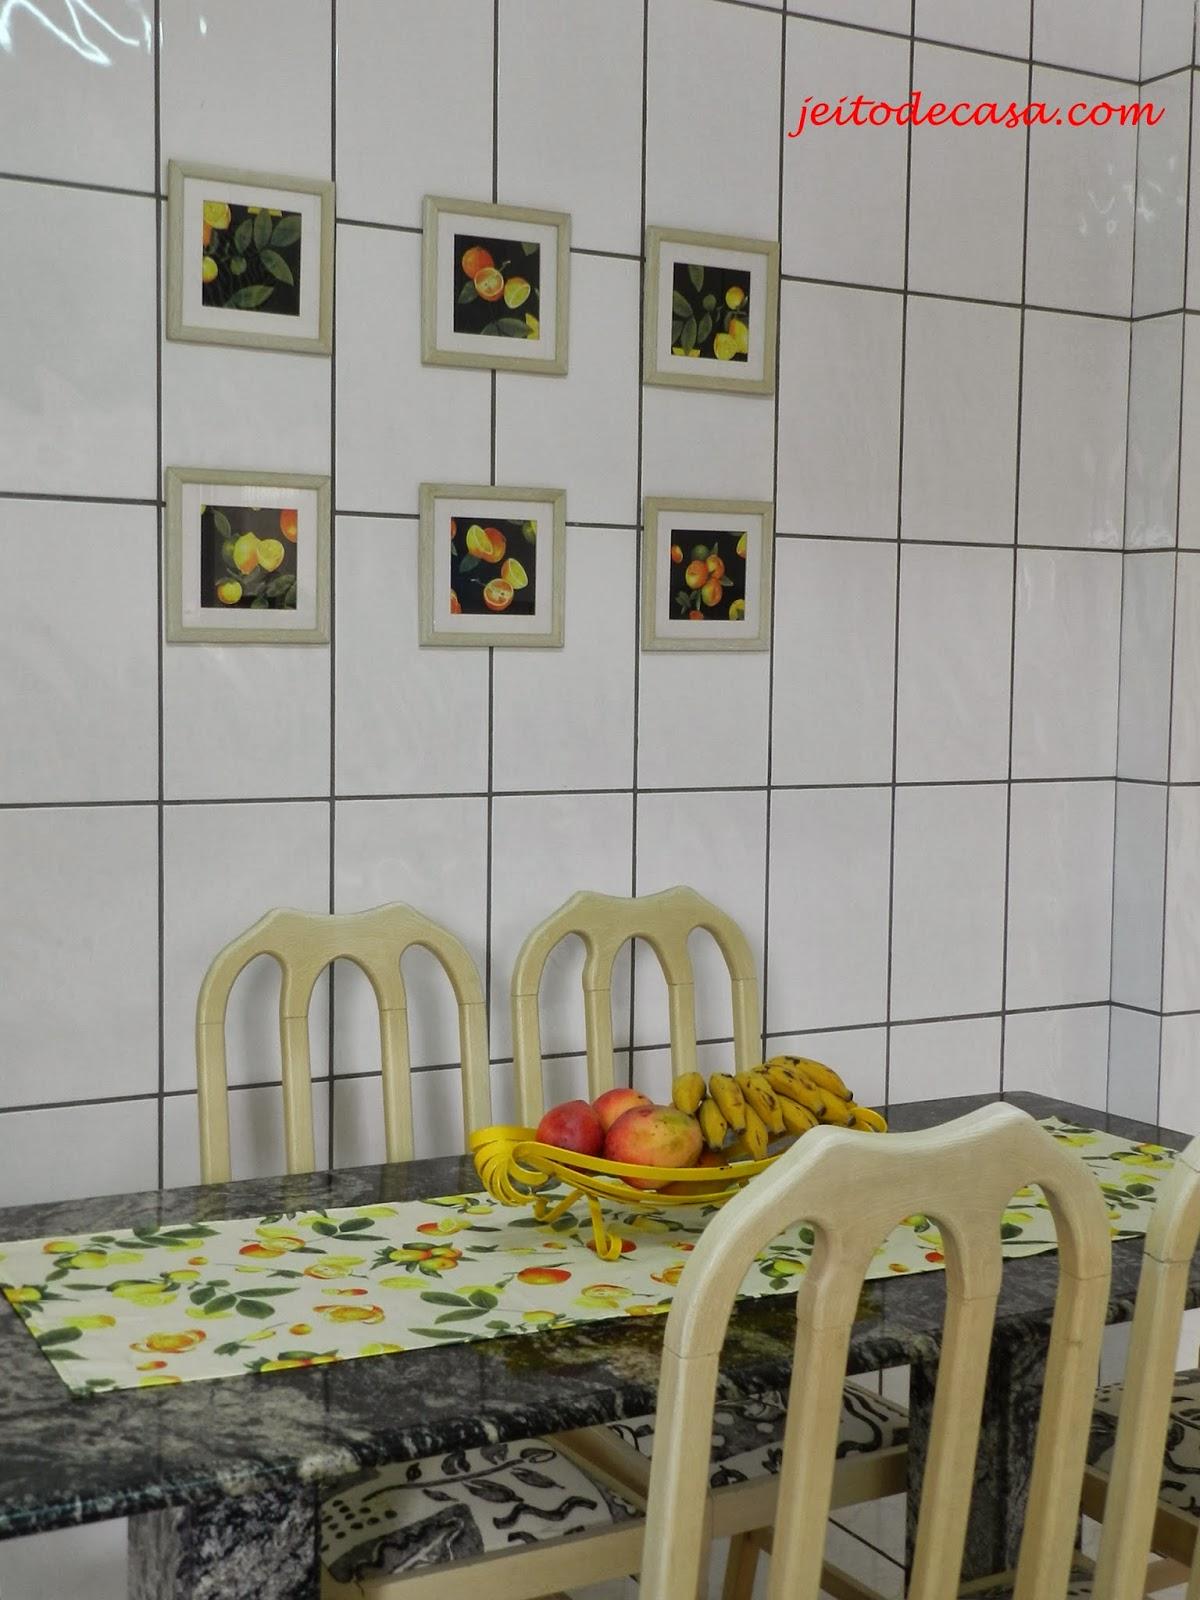 cozinha decorada com estampa de frutas